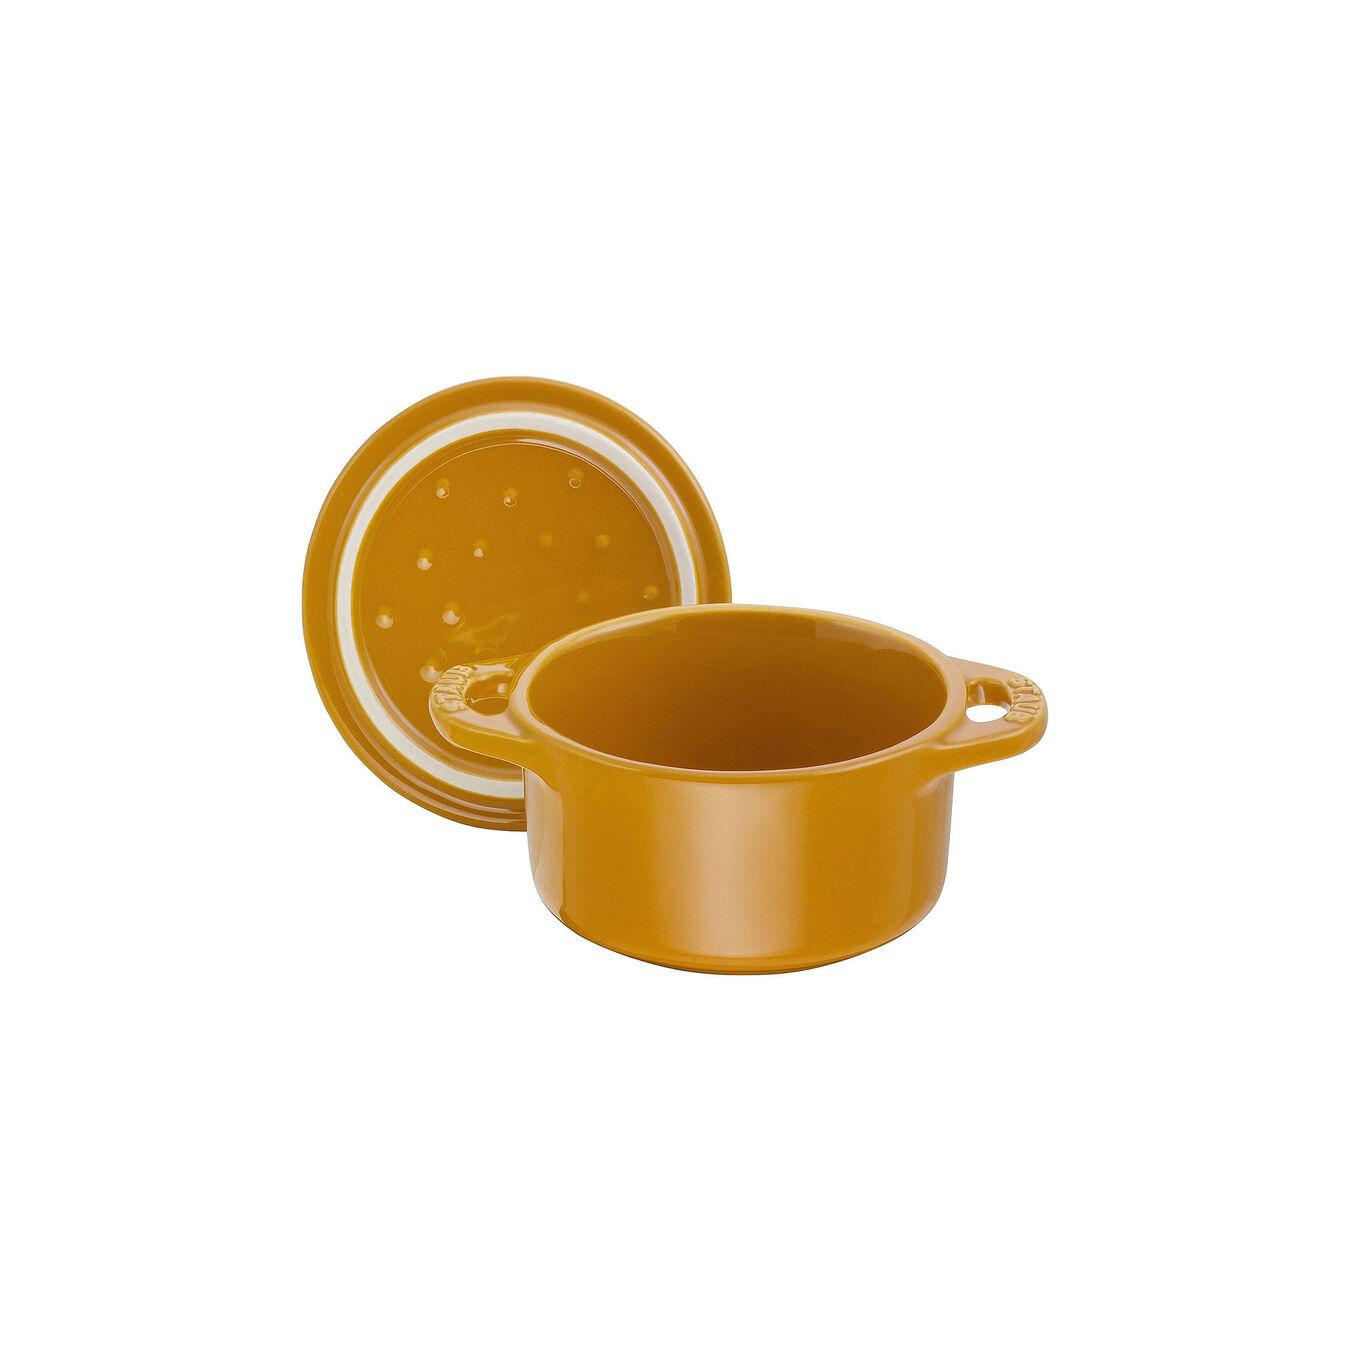 Mini Cocotte 10 cm, Rond(e), Moutarde, Céramique,,large 6